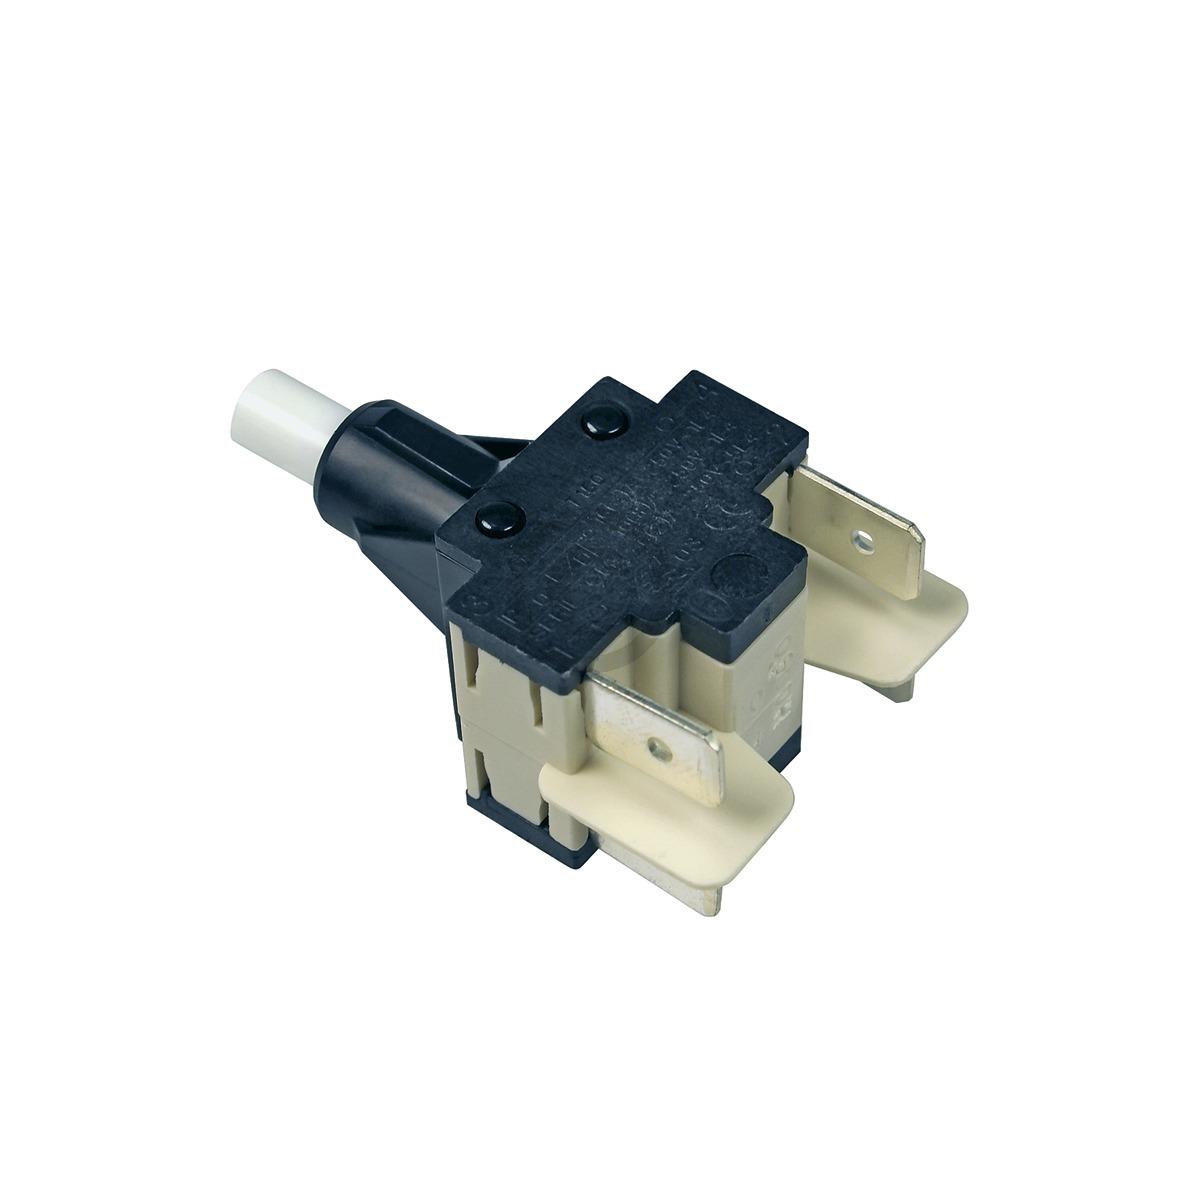 Tastenschalter 1-fach 481227618505 Bauknecht, Whirlpool, Ikea